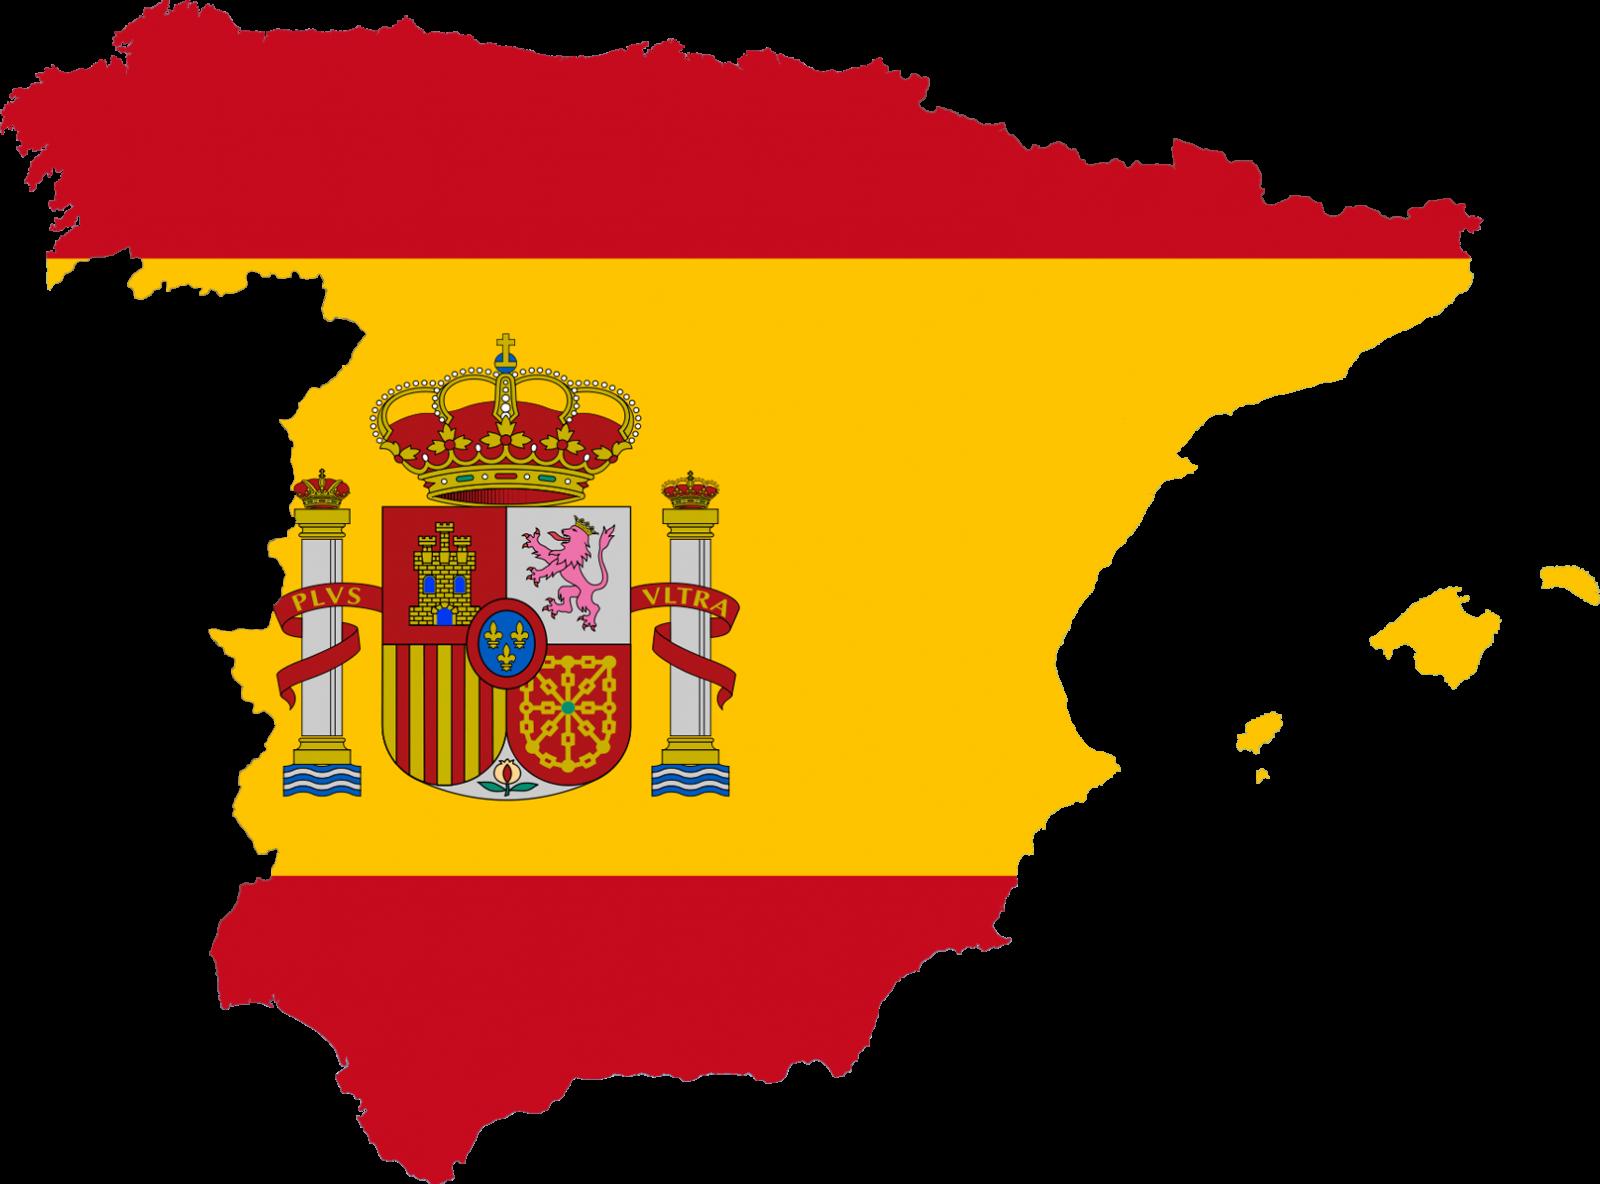 Dit Is Het Land Spanje Met De Spaanse Vlag En Het Logo Spanje Vlag Spaans